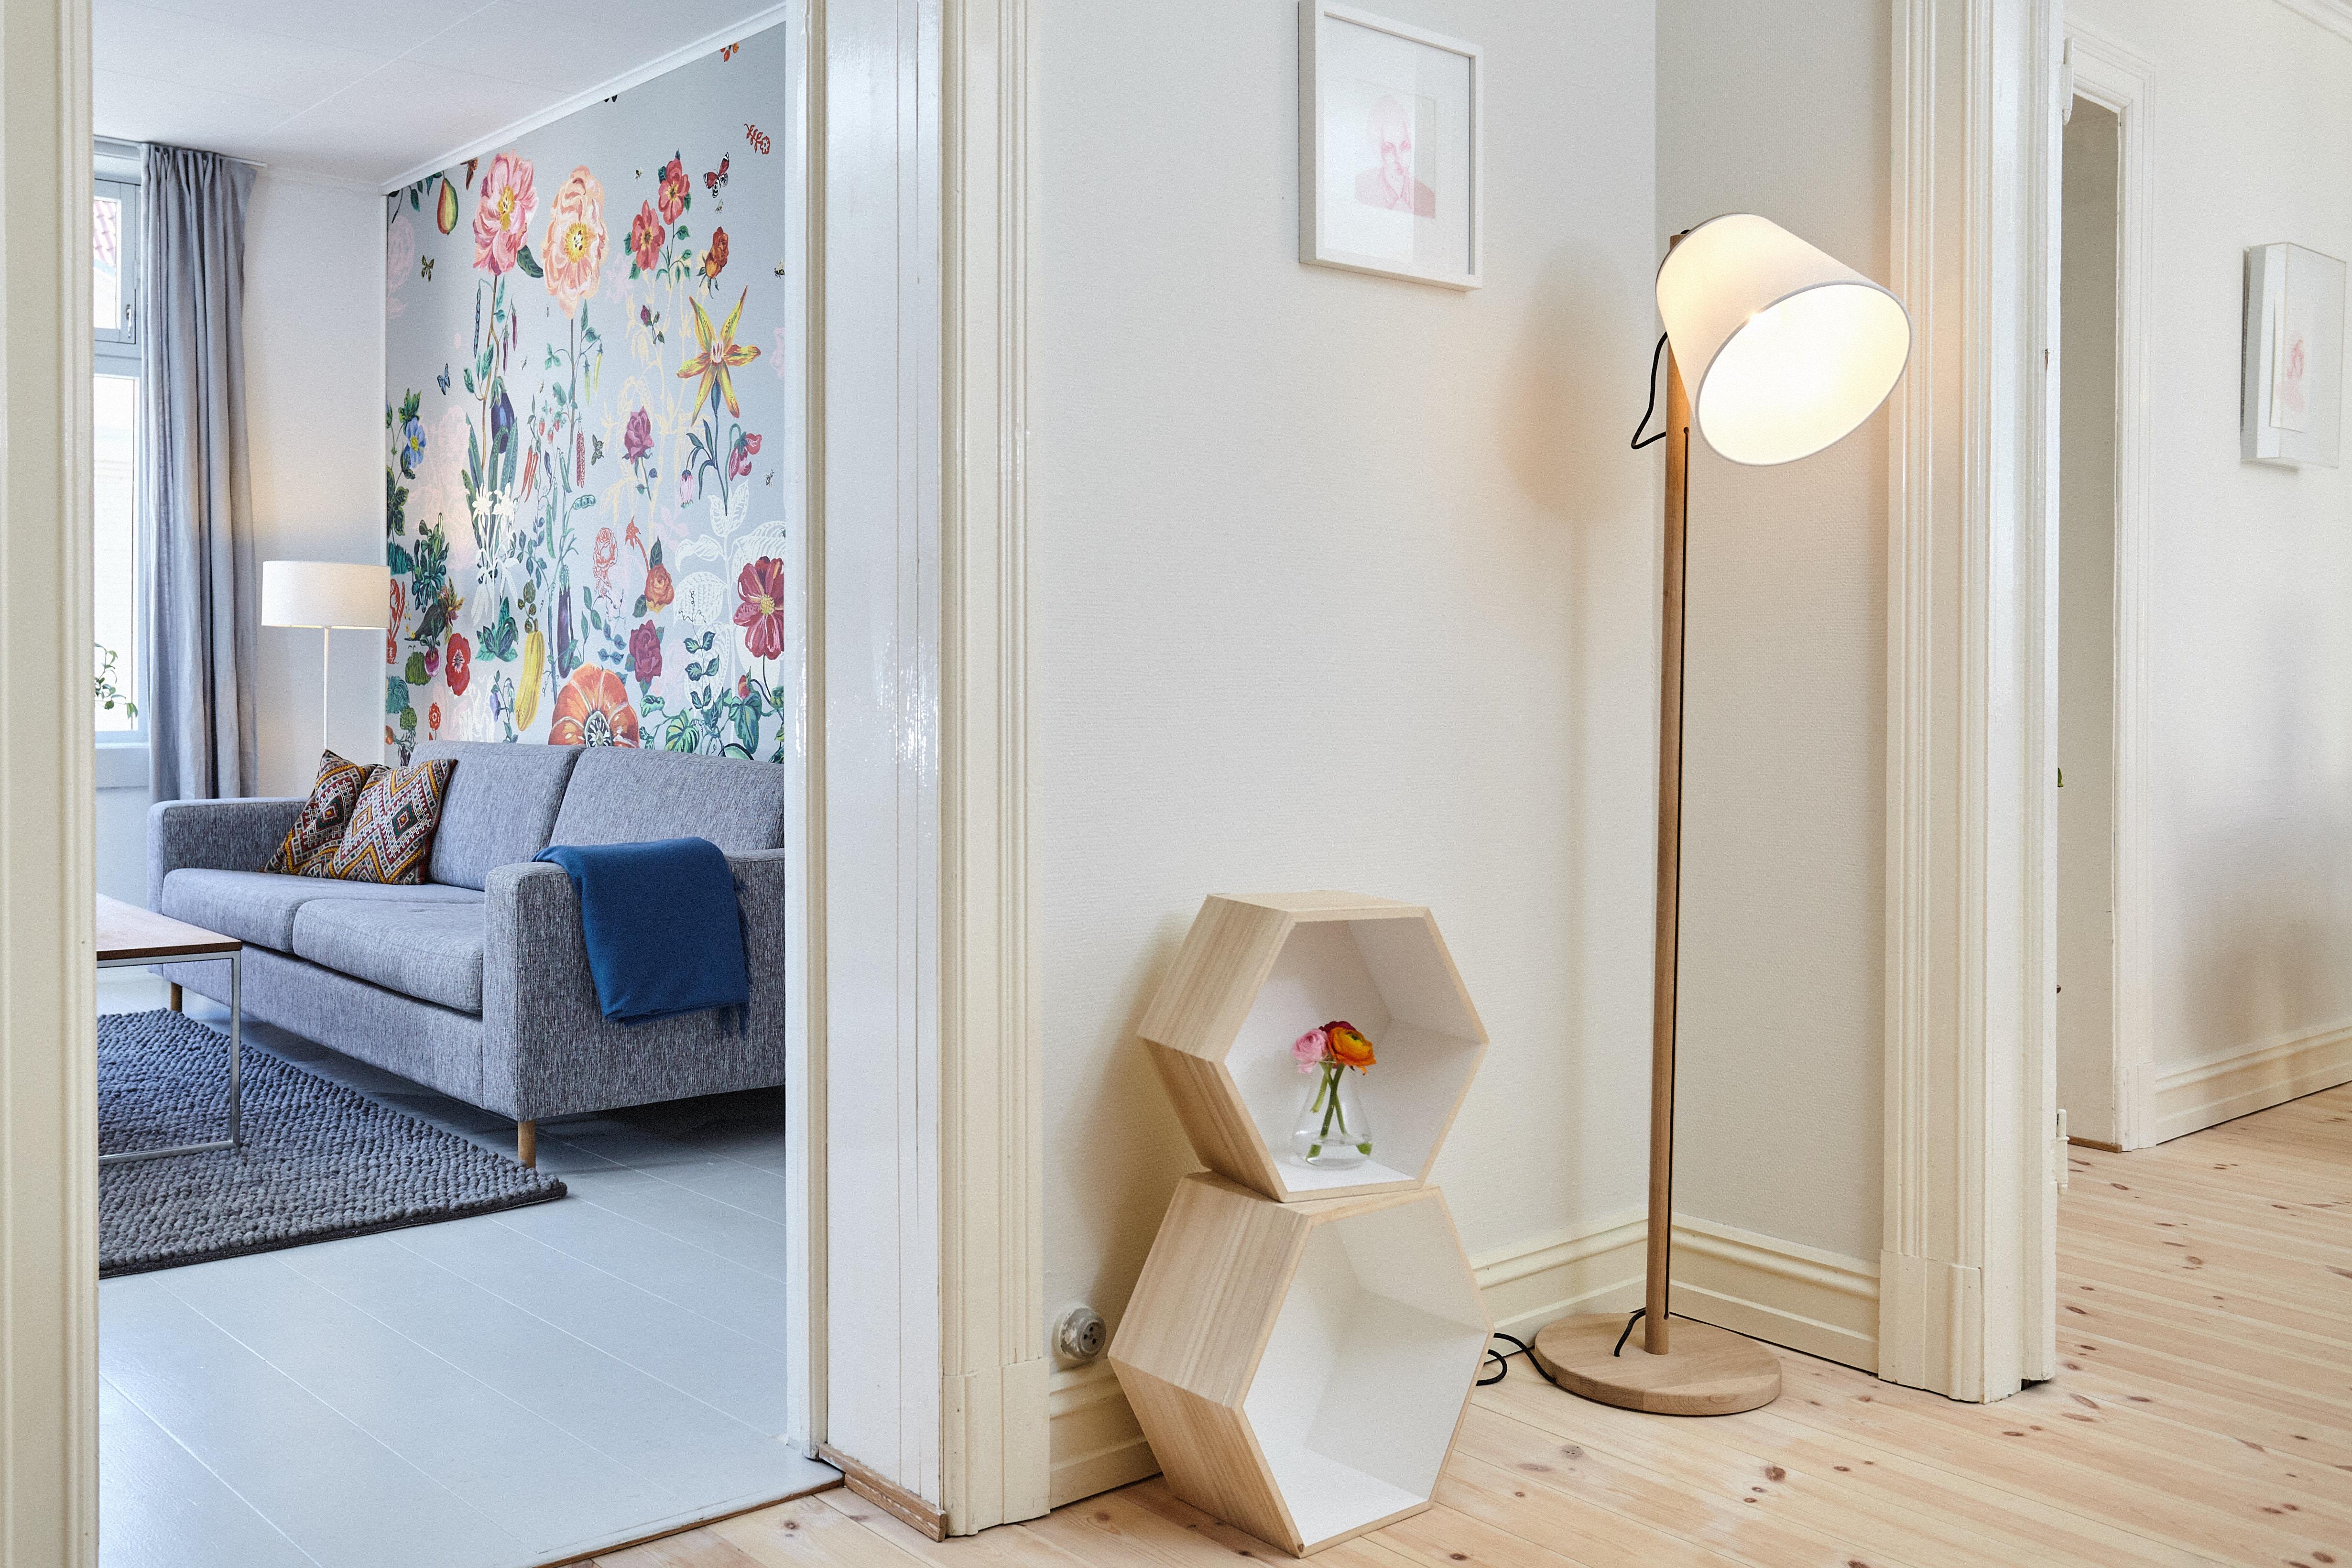 Come arredare una casa piccola : 10 soluzioni da considerare